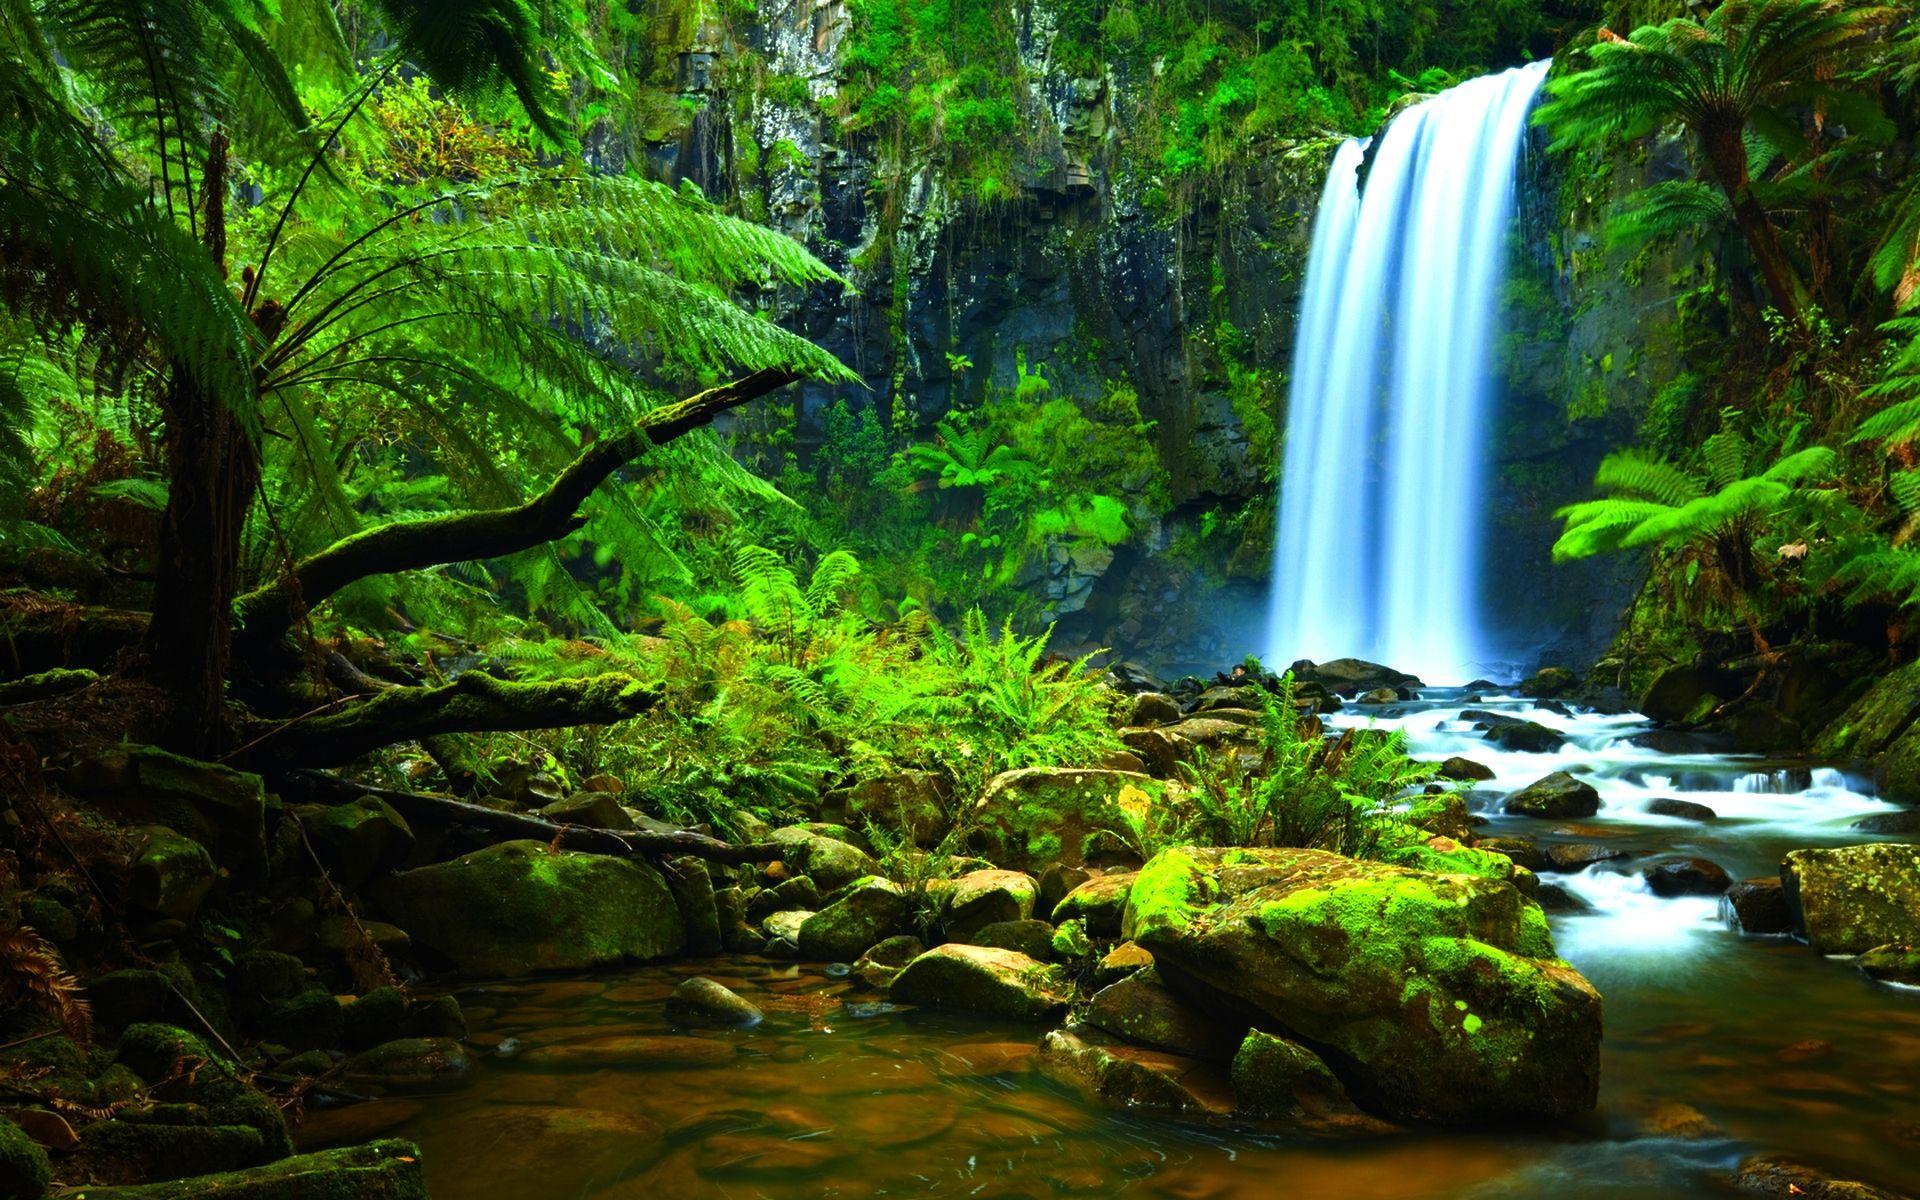 Una atraccion turistica es Selva Amazonica. Selva Amazonica es en Colombia, Brazil, Peru, y otros países.